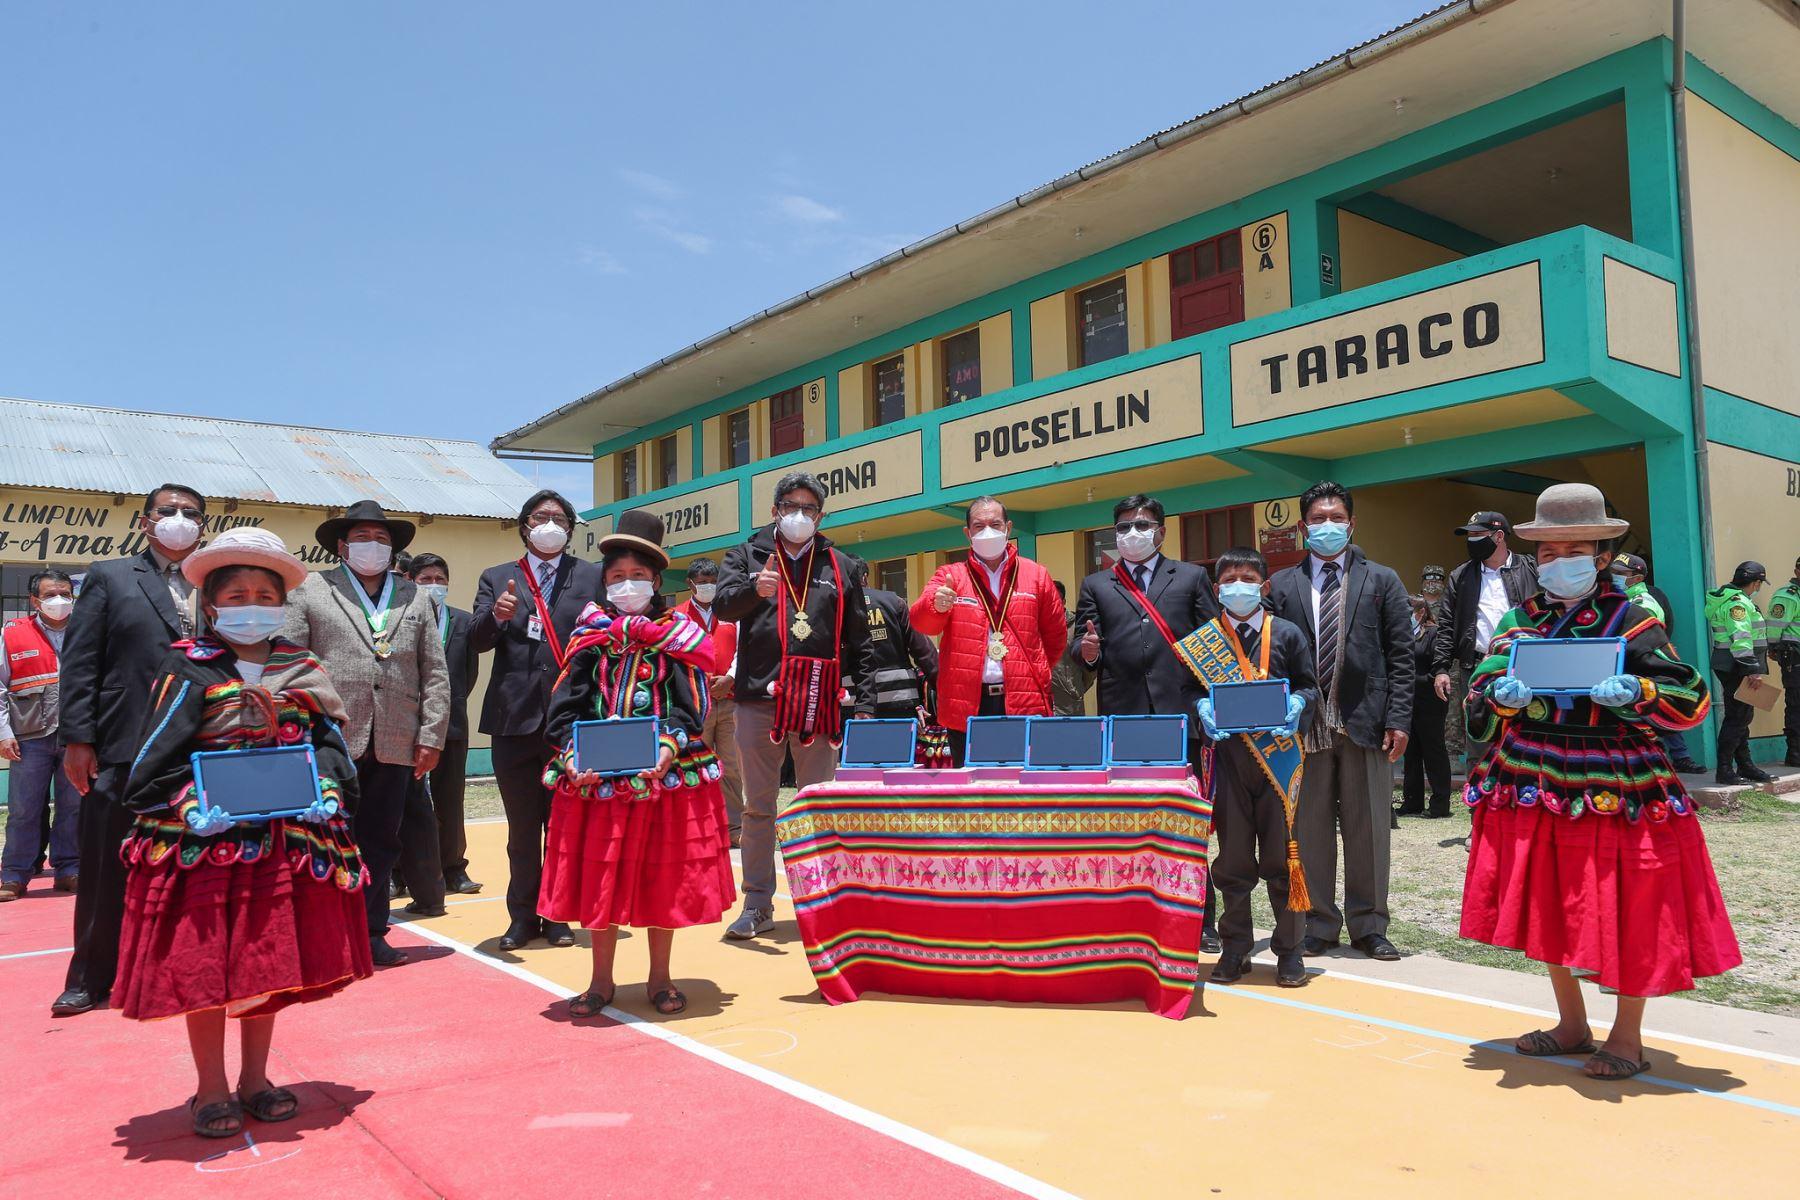 El premier Walter Martos realizó una visita de trabajo a la región Puno njunto con el ministro de educación, Martín Benavides donde visitaron a la población y entregaron tabletas a los alumnos. Foto: PCM